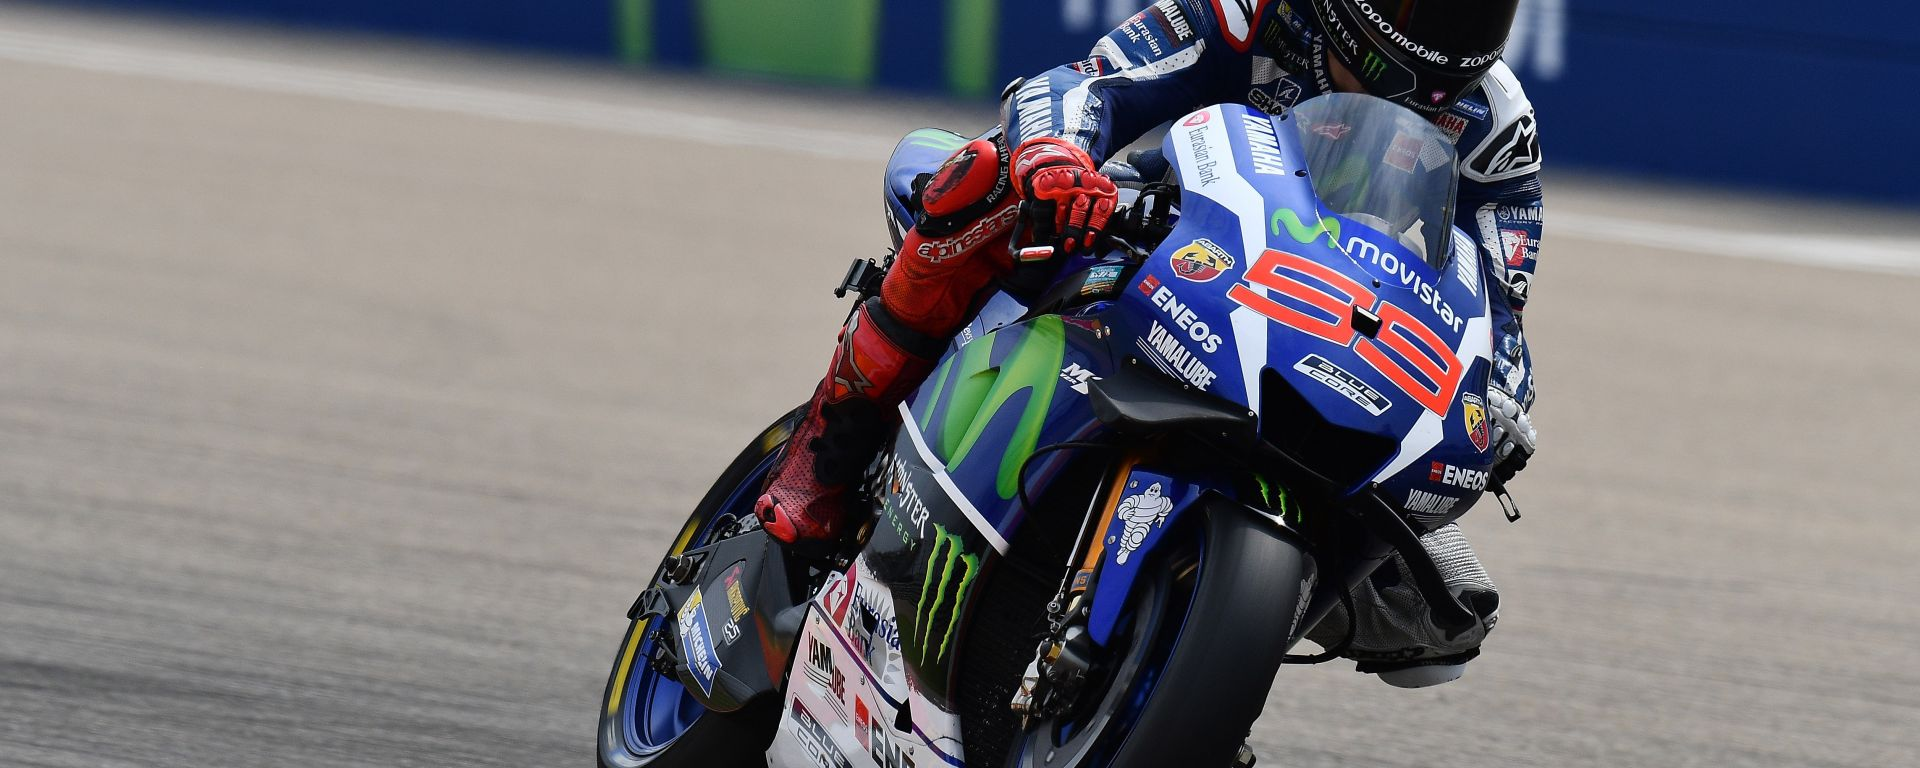 MotoGP Motegi 2016: Lorenzo il più veloce del Venerdì, Pedrosa si frattura la clavicola